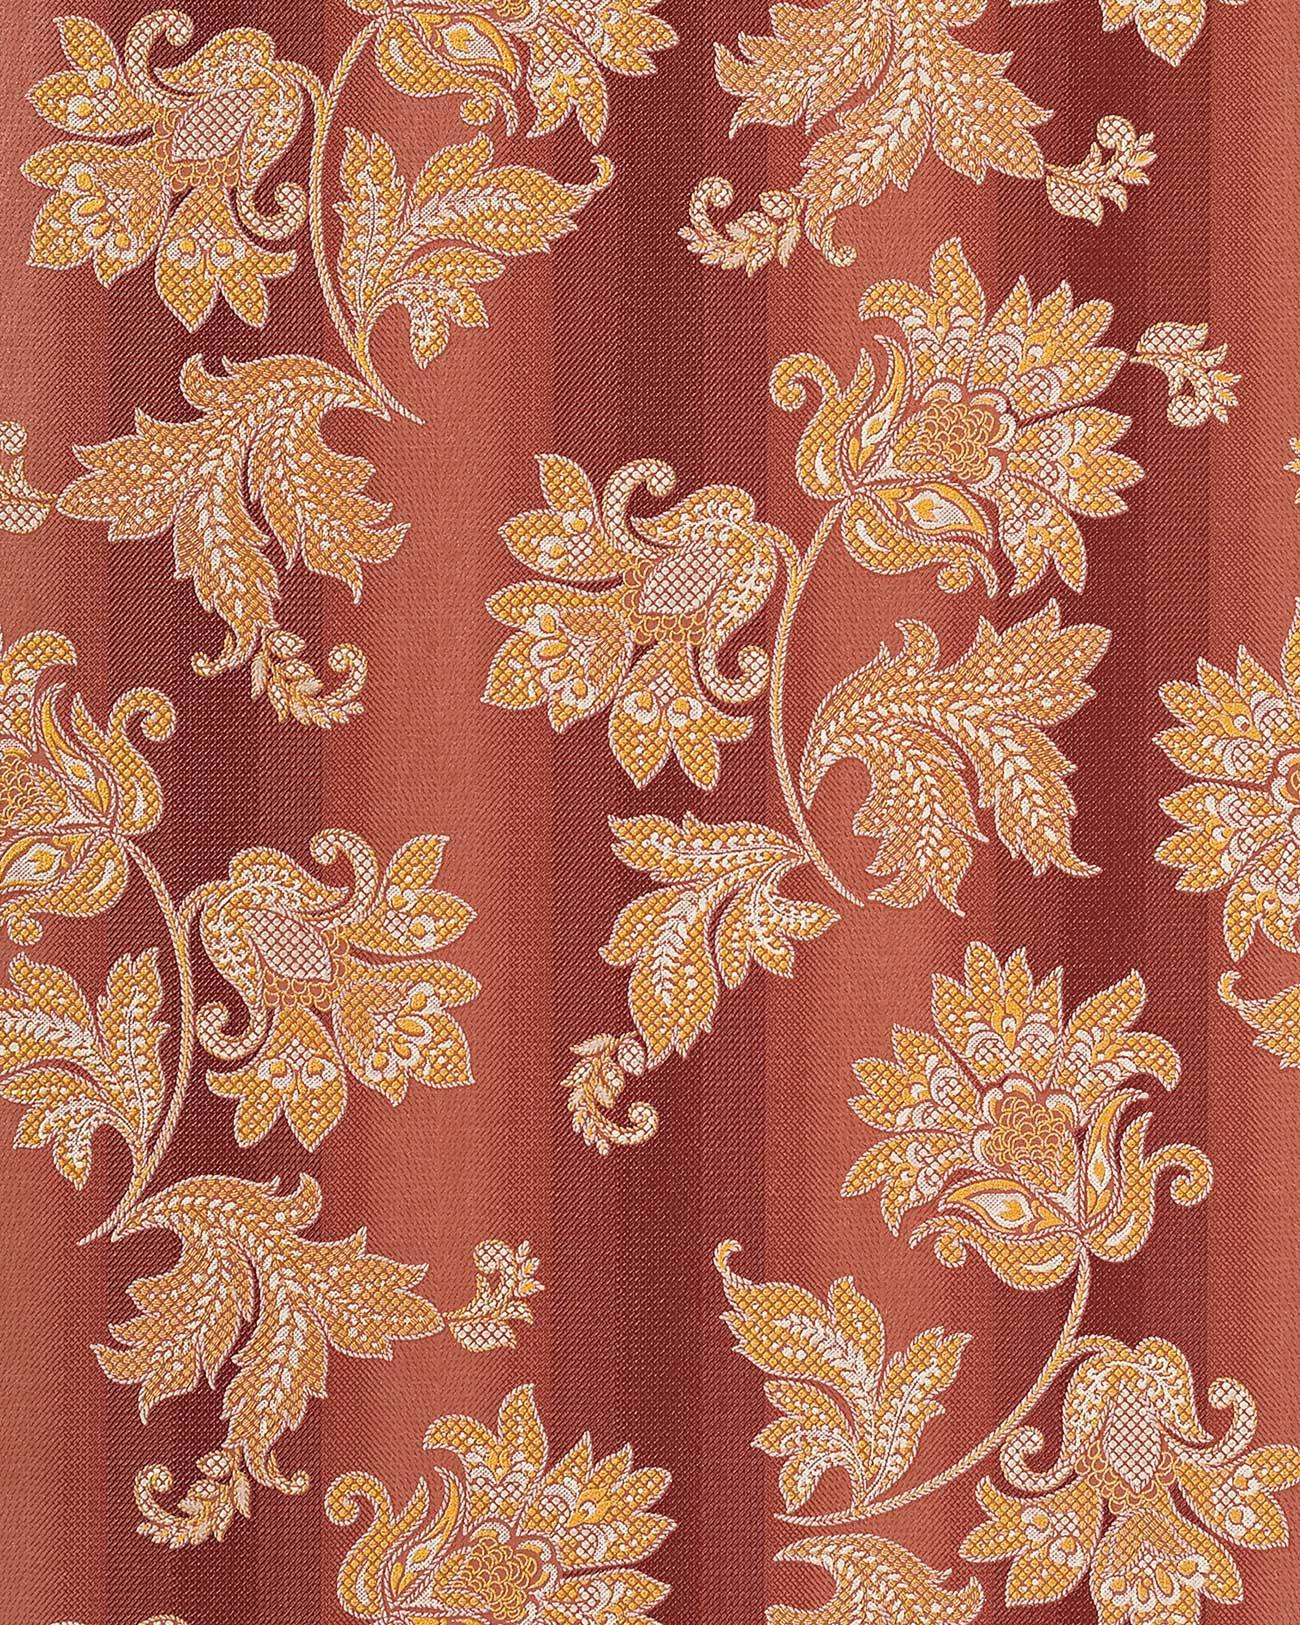 Carta da parati vinilica barocco floreale EDEM 084-24 rosso chiaro ...